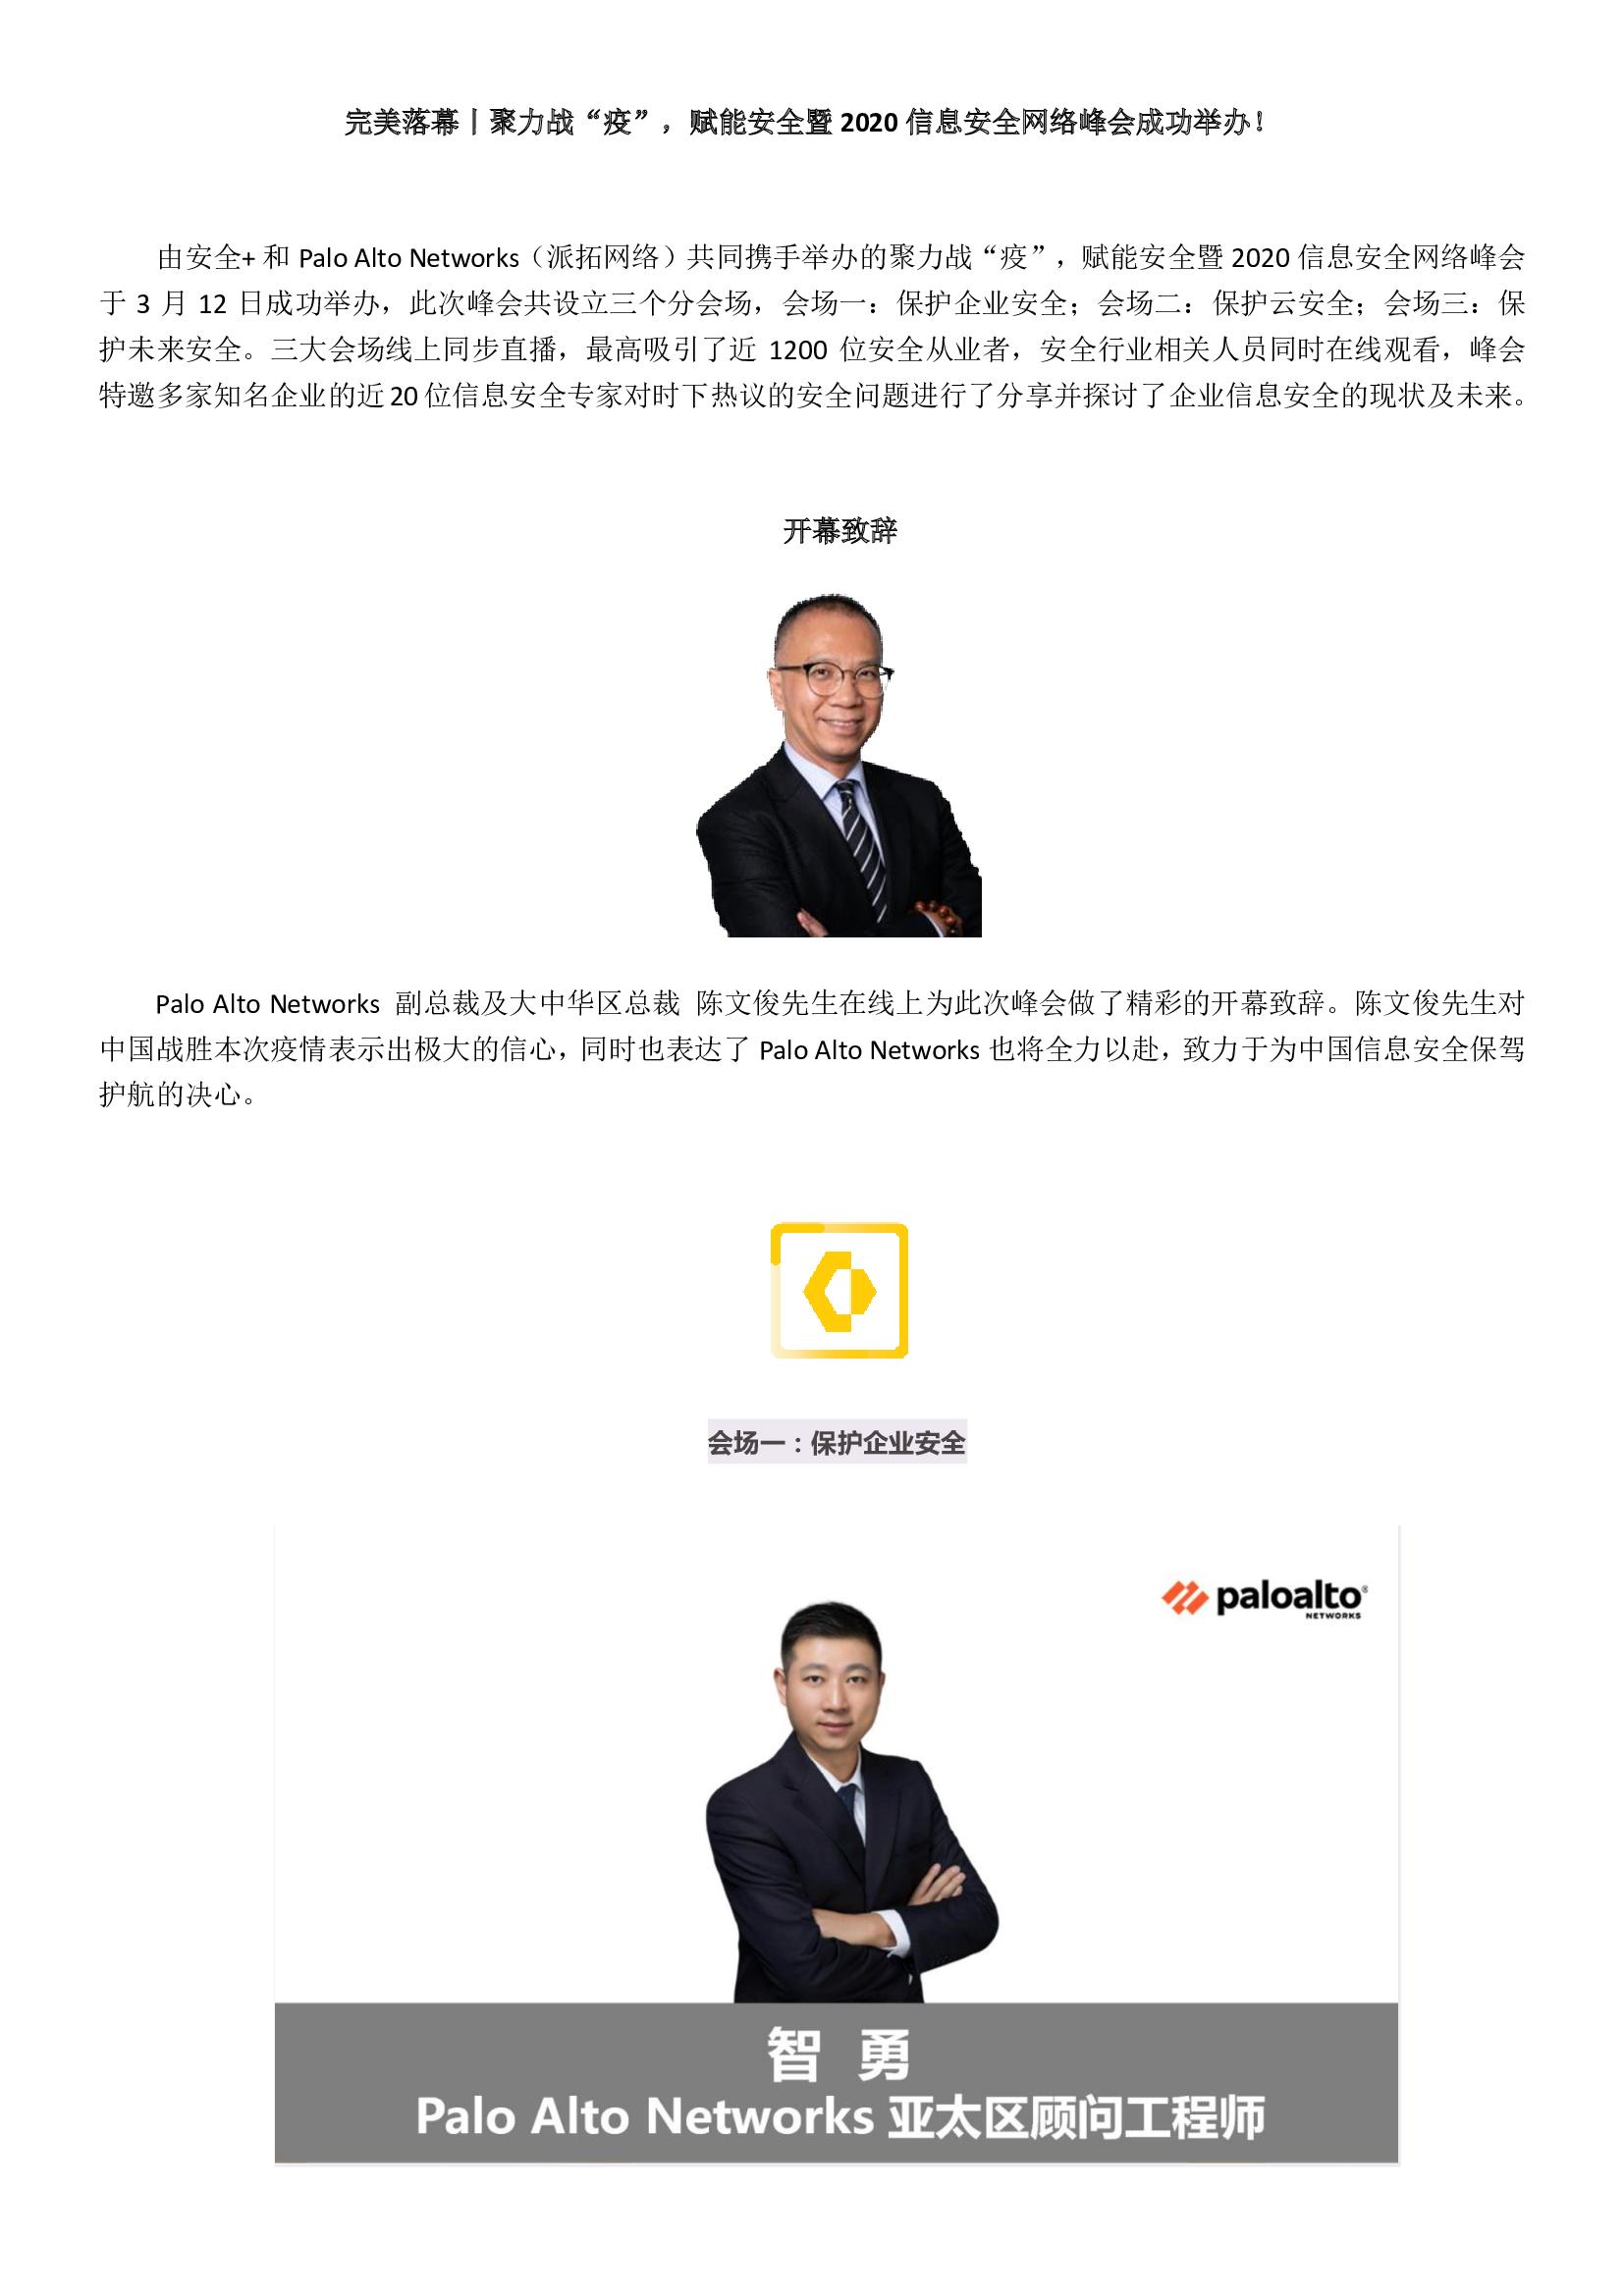 """完美落幕丨聚力战""""疫"""",赋能安全暨2020信息安全网络峰会成功举办!"""